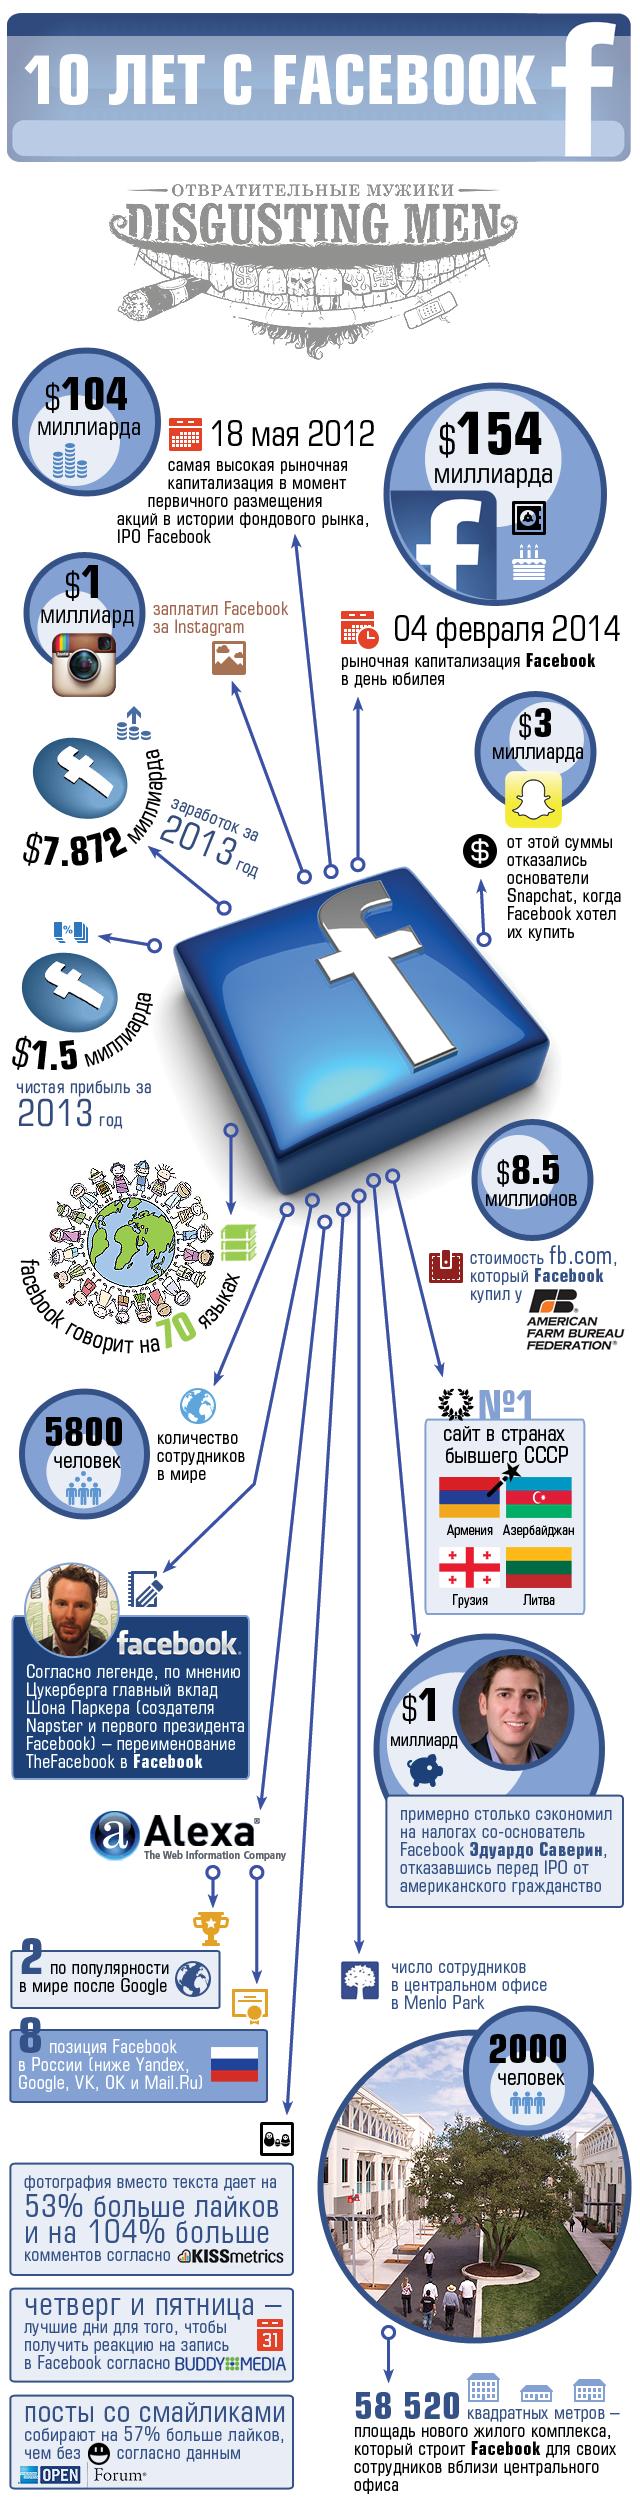 инфографика 10 лет facebook disgustingmen